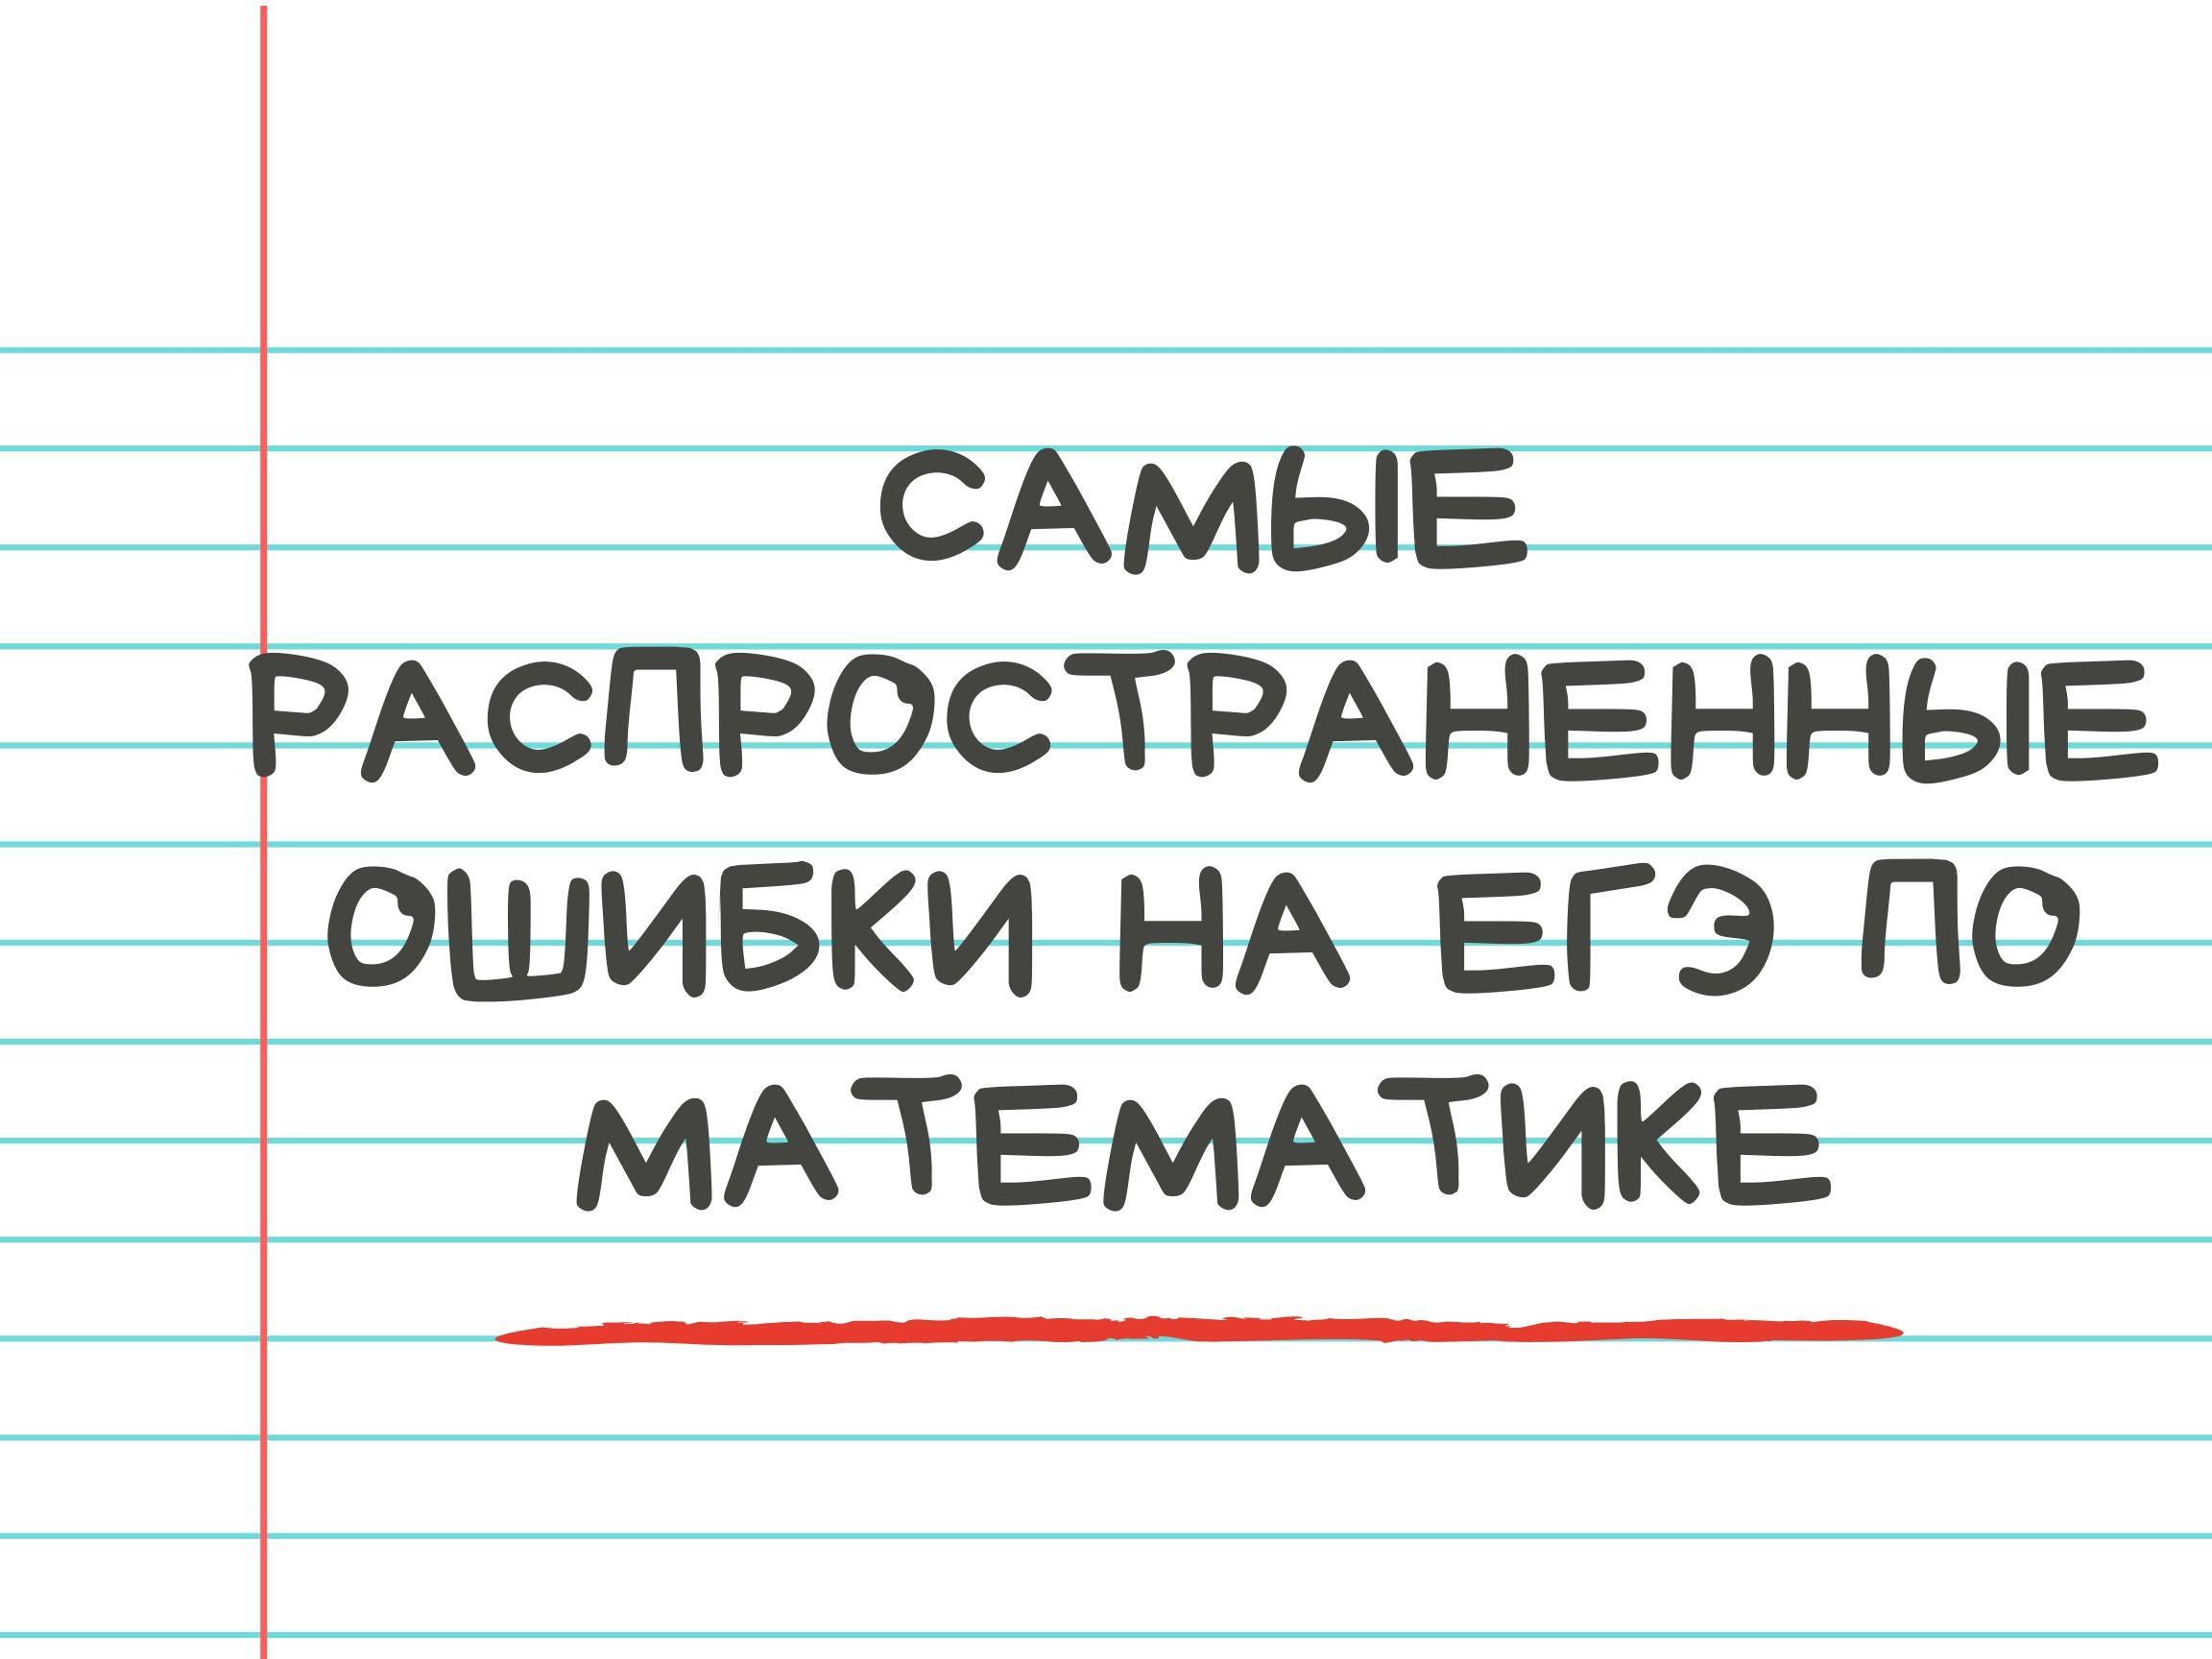 Самые распространенные ошибки на ЕГЭ по математике